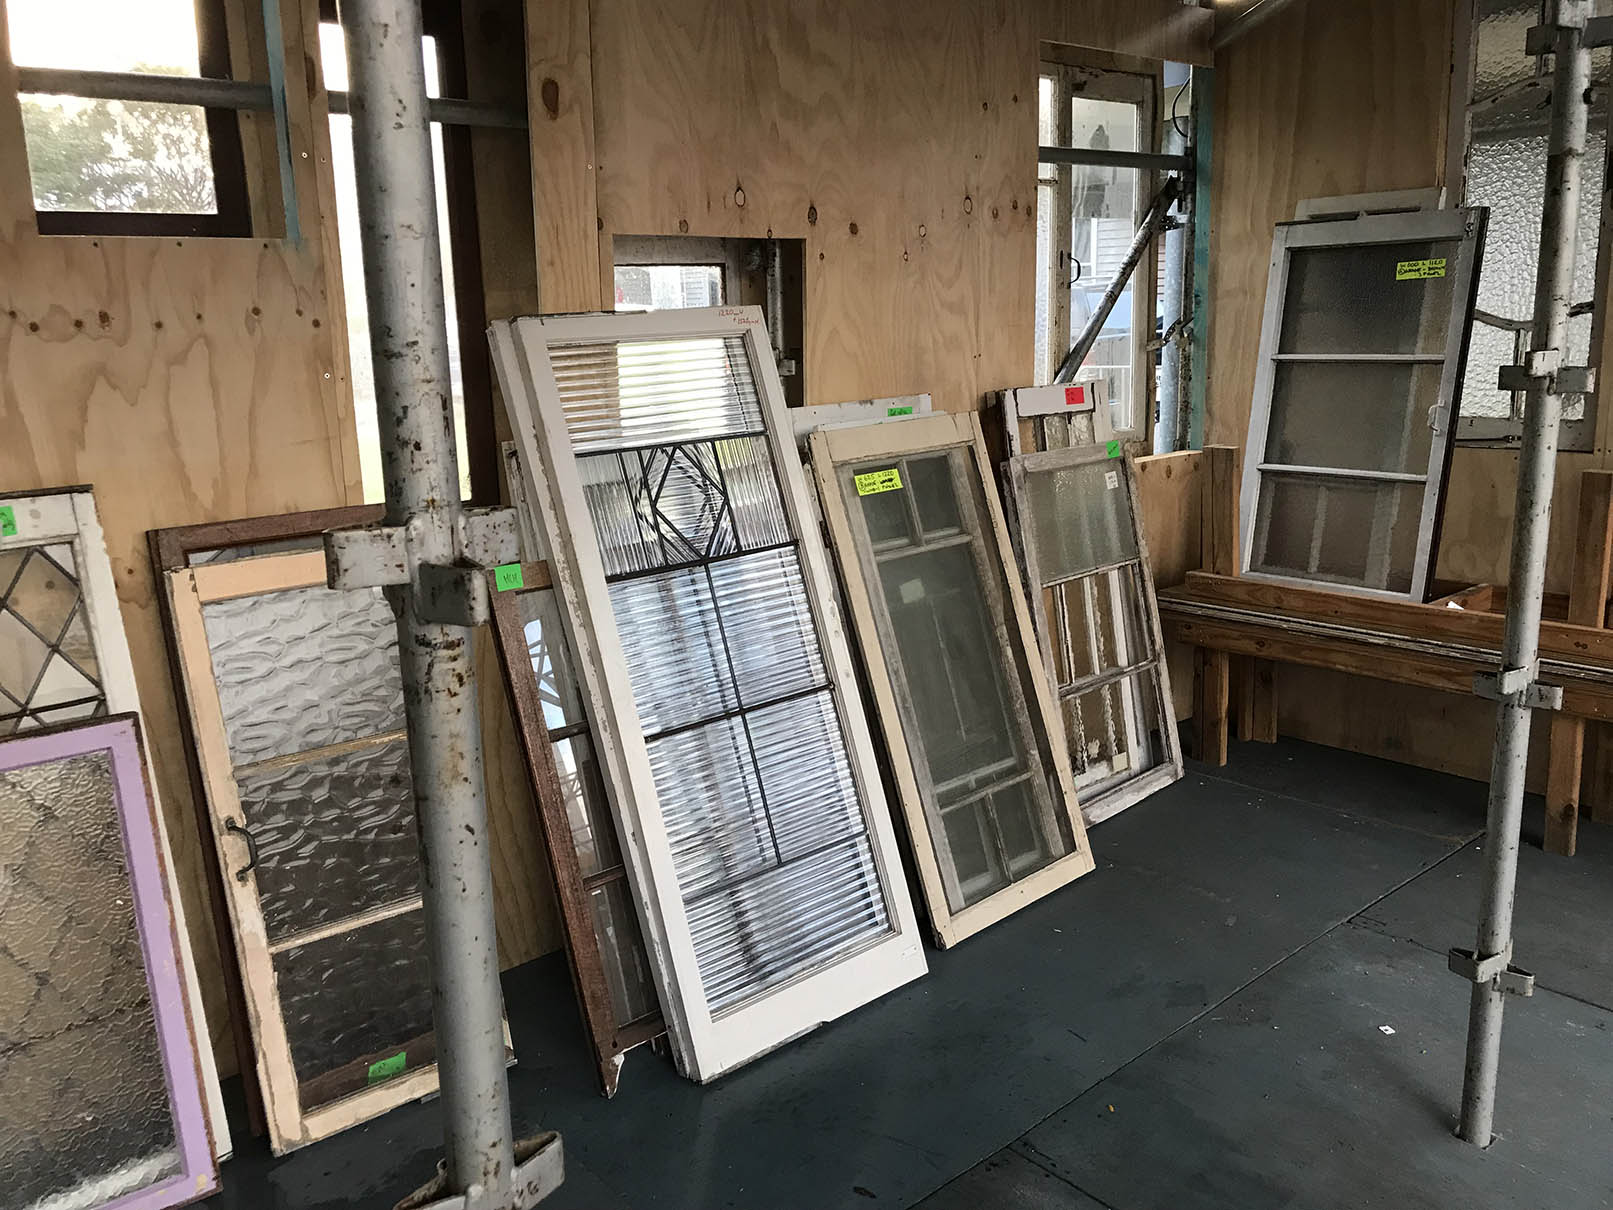 Reclaimed window frames